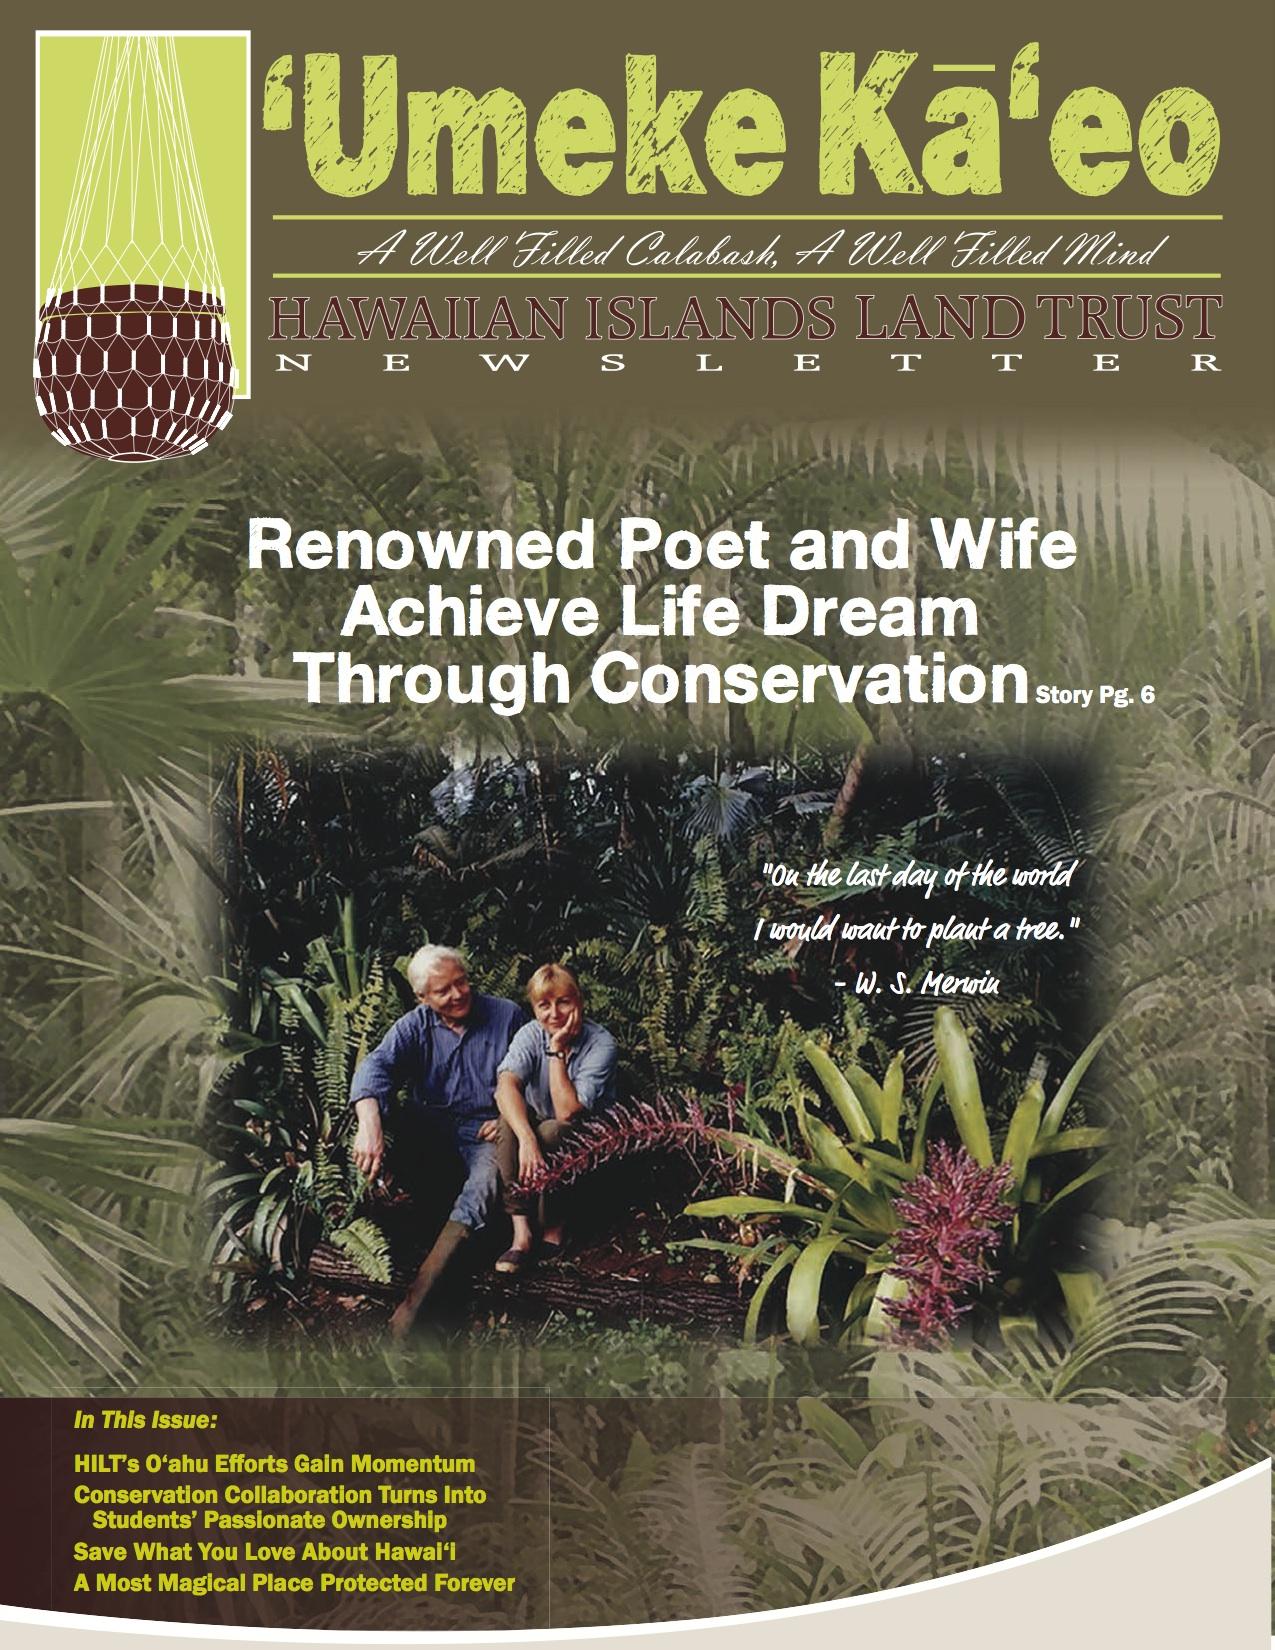 Cover-of-Newsletter.jpg